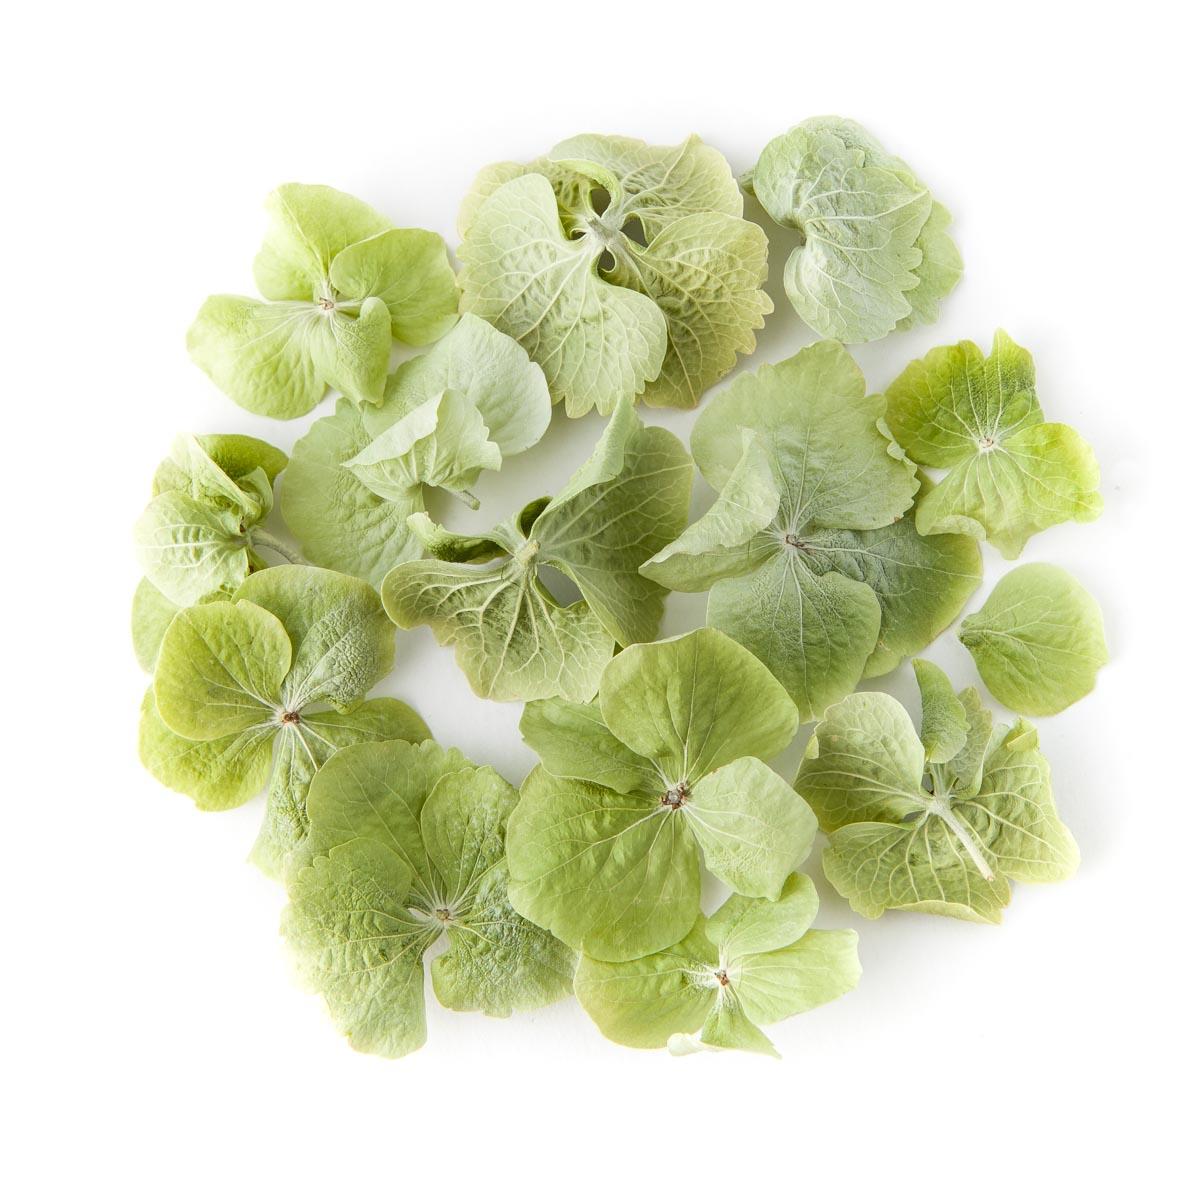 Green Hydrangea Petals